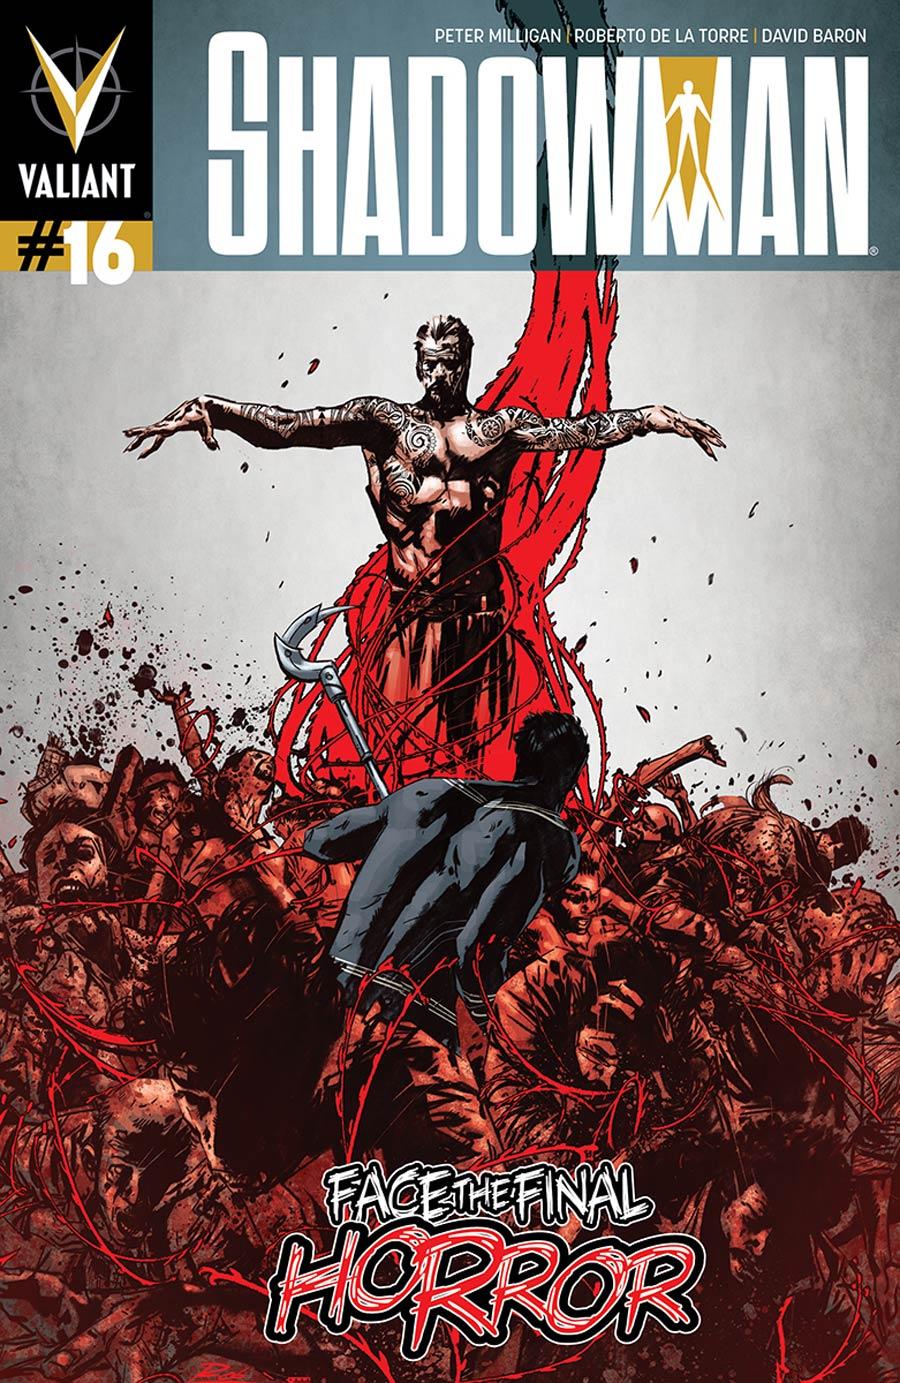 Shadowman Vol 4 #16 Cover A Regular Roberto De La Torre Cover